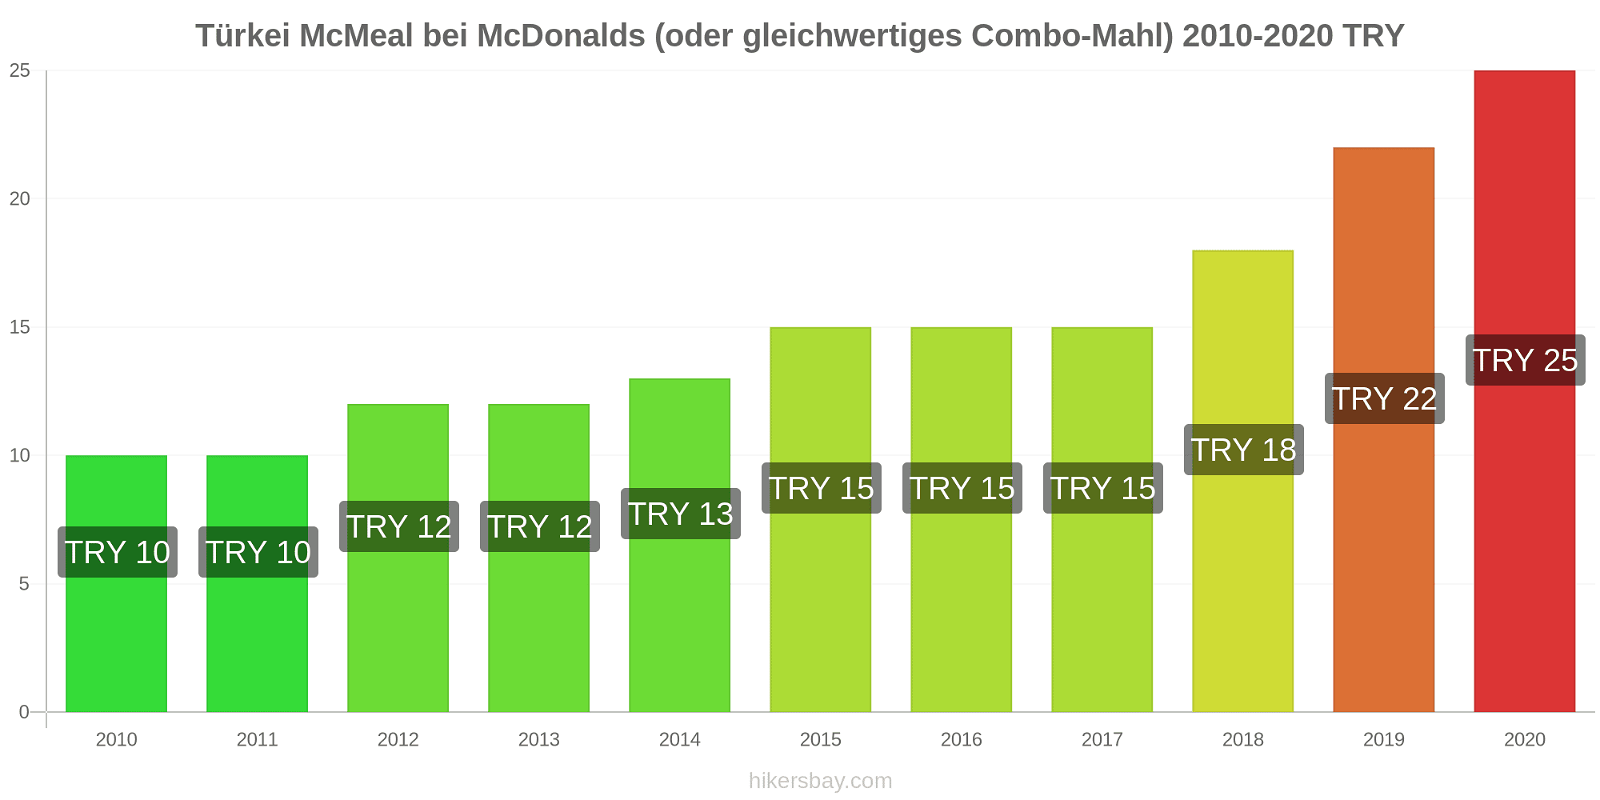 Türkei Preisänderungen McMeal bei McDonalds (oder gleichwertige Combo Meal) hikersbay.com